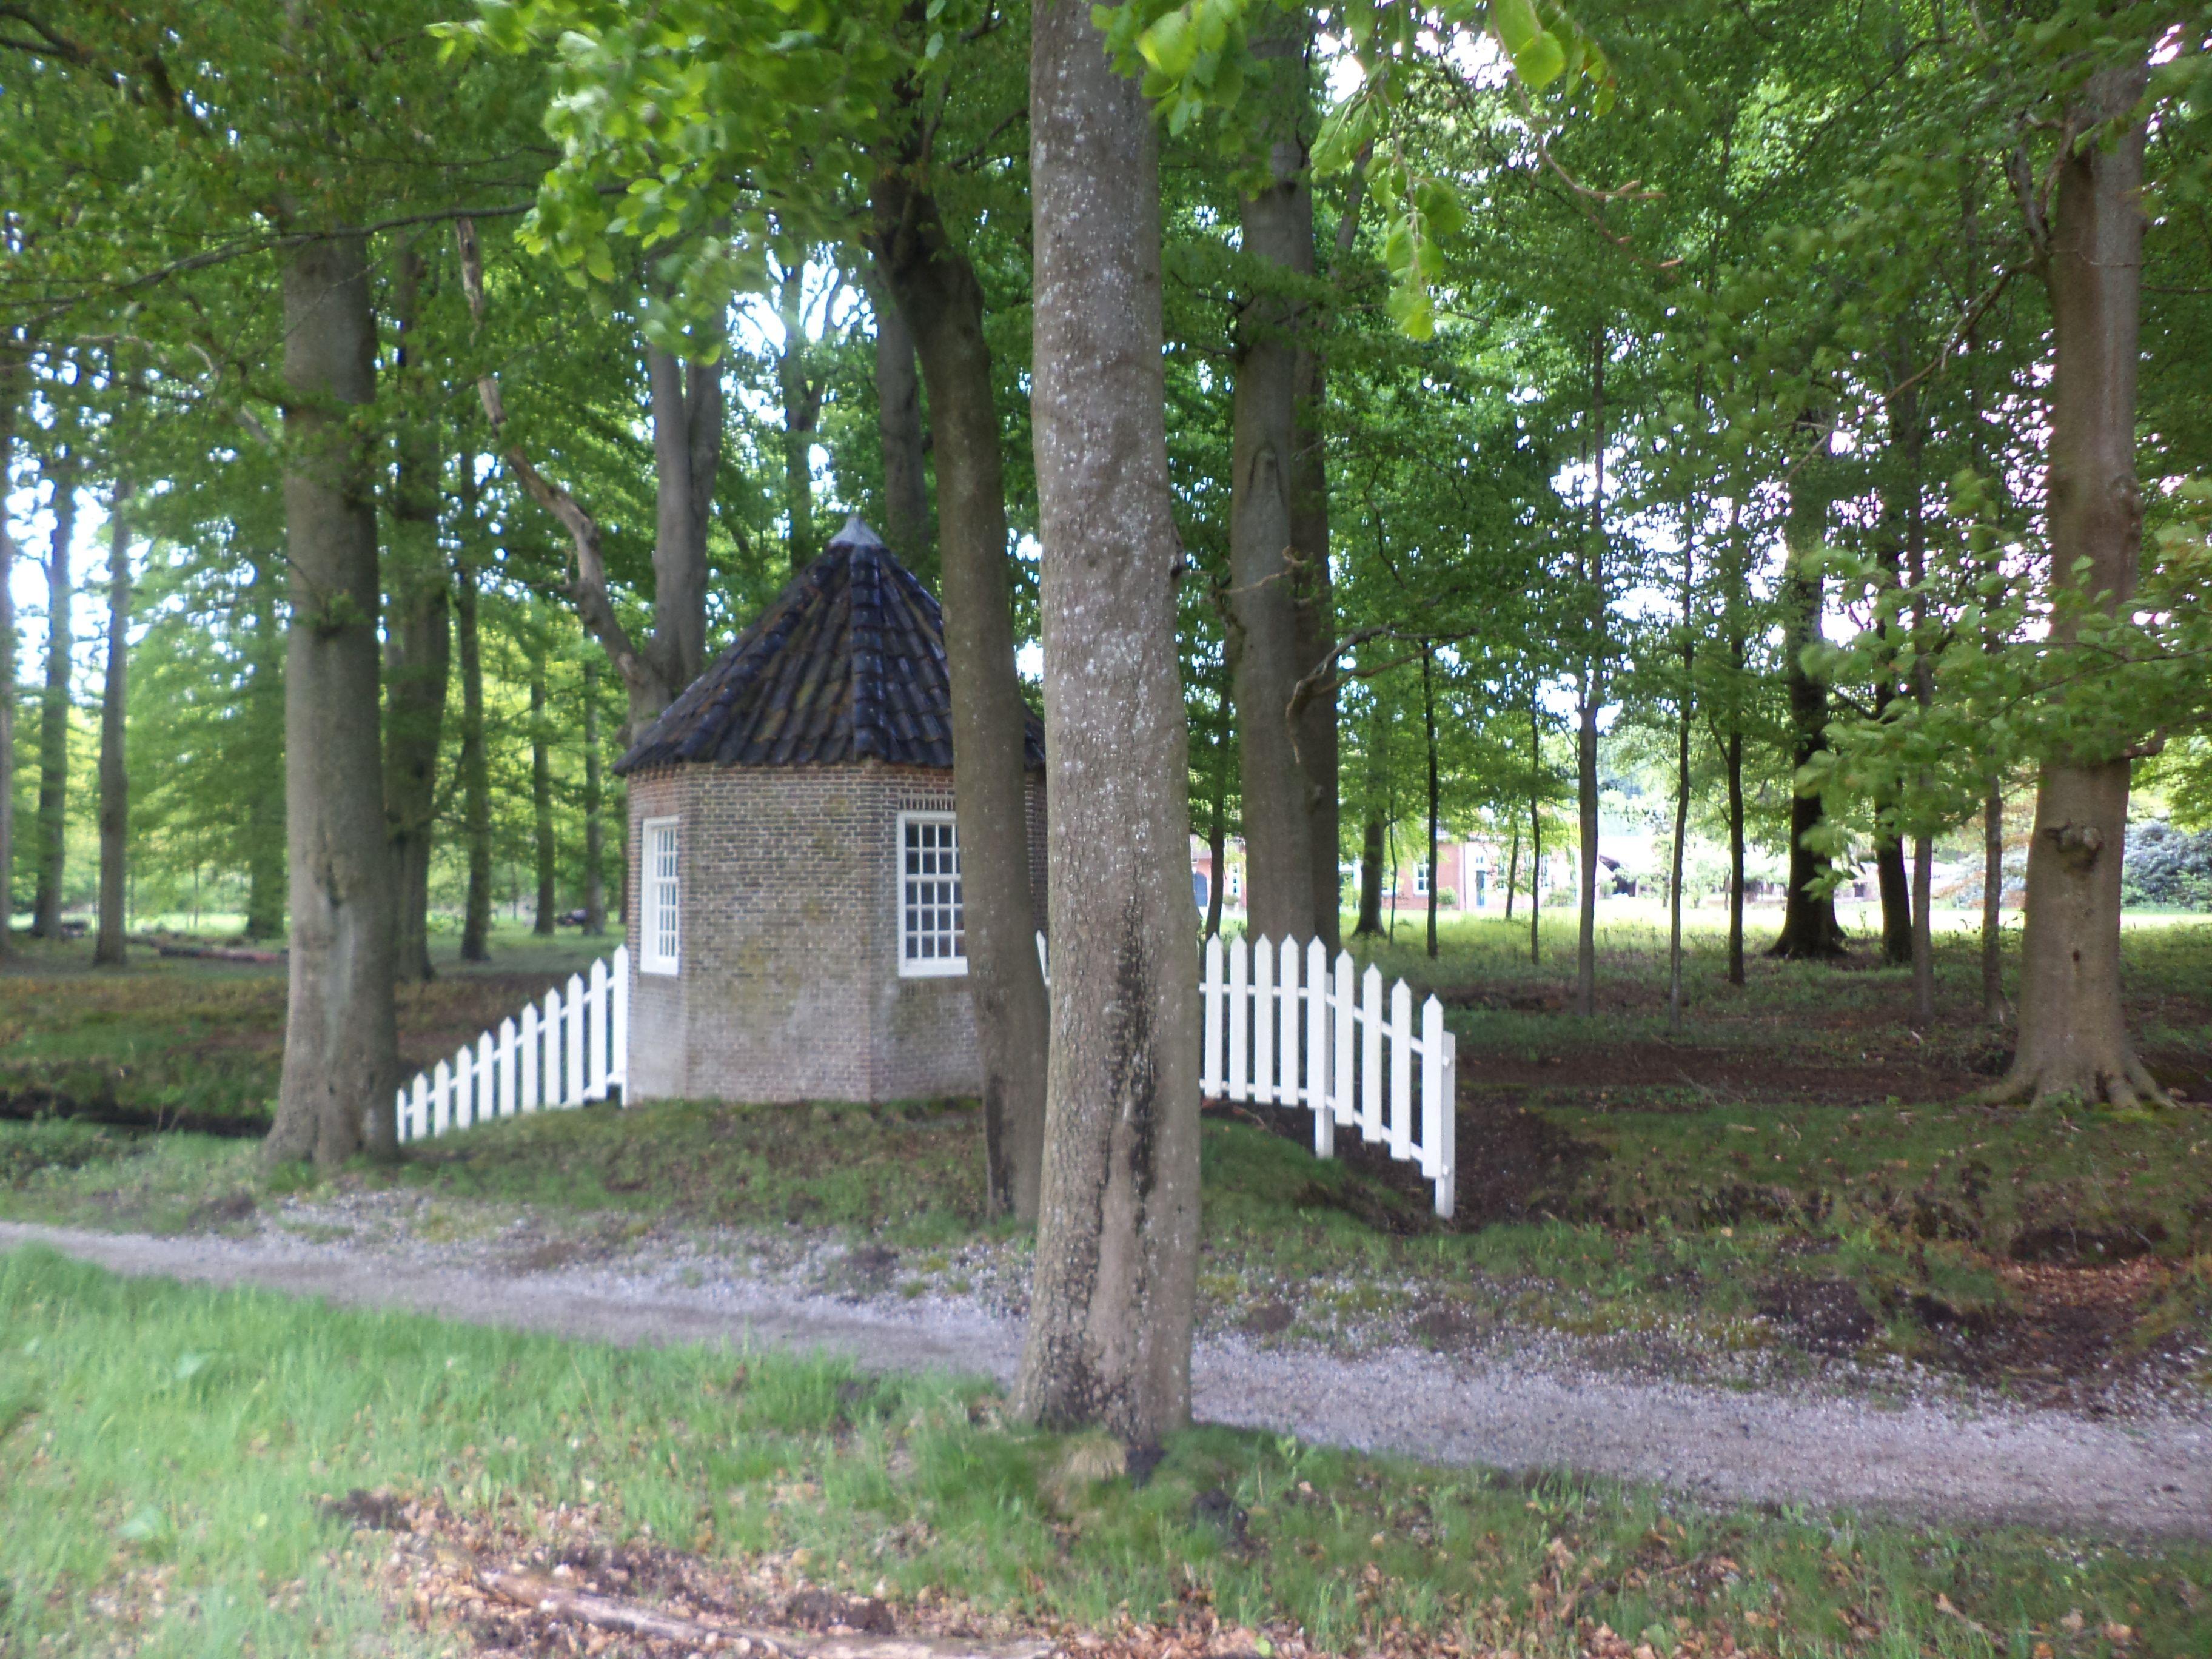 huis Tonckens Theekoepeltje te Westervelde